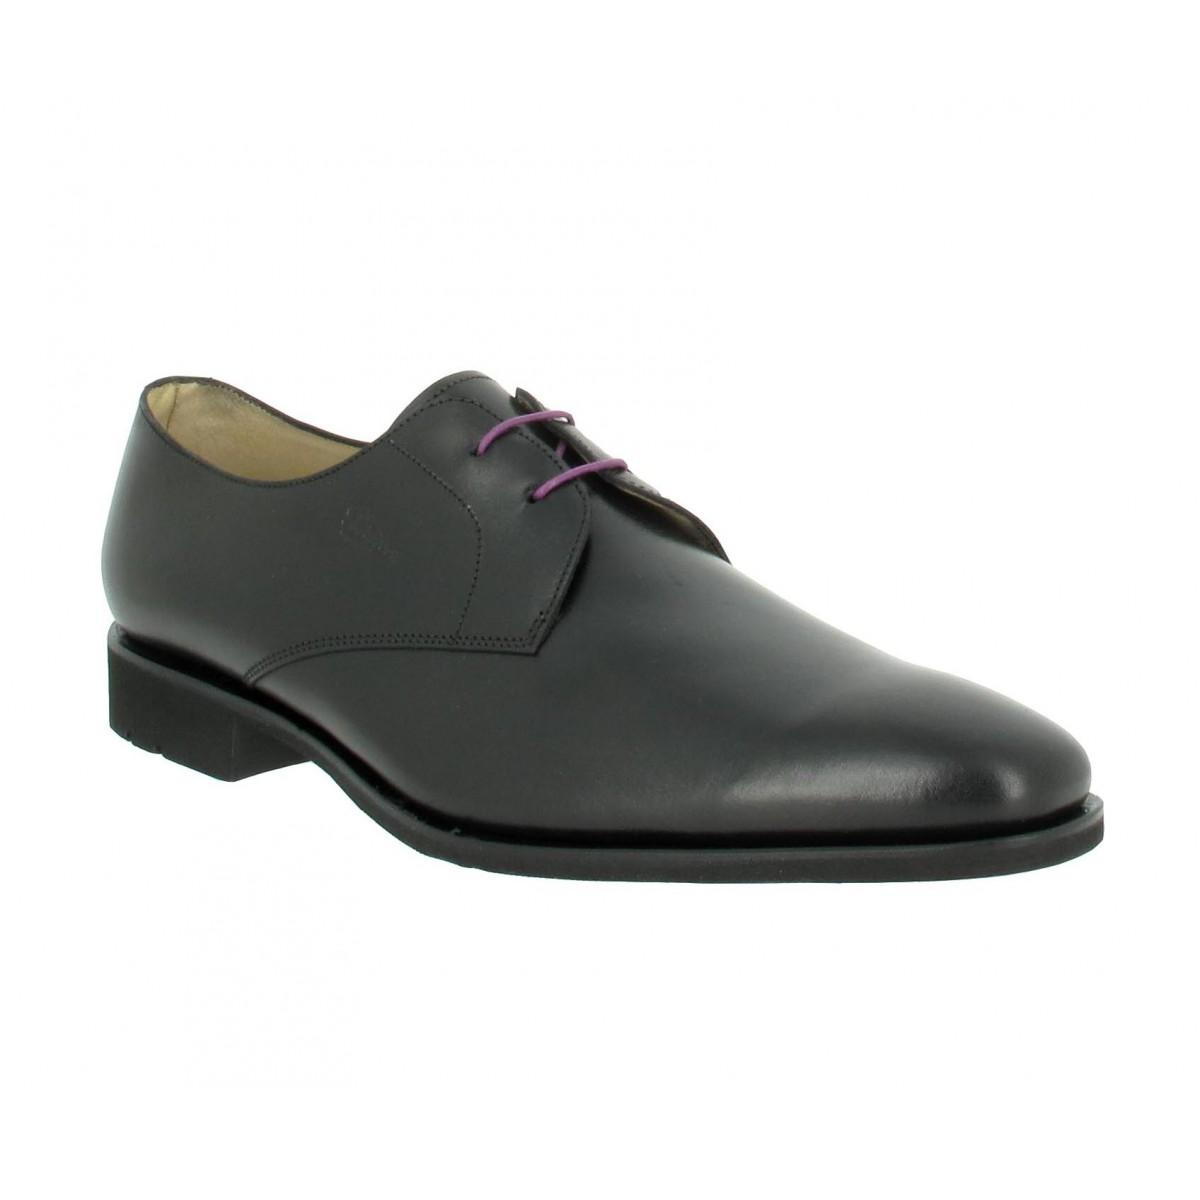 ParabootLe Meilleur La Chaussure Chaussures Fanny De HommeBlog Pour nk8O0wP